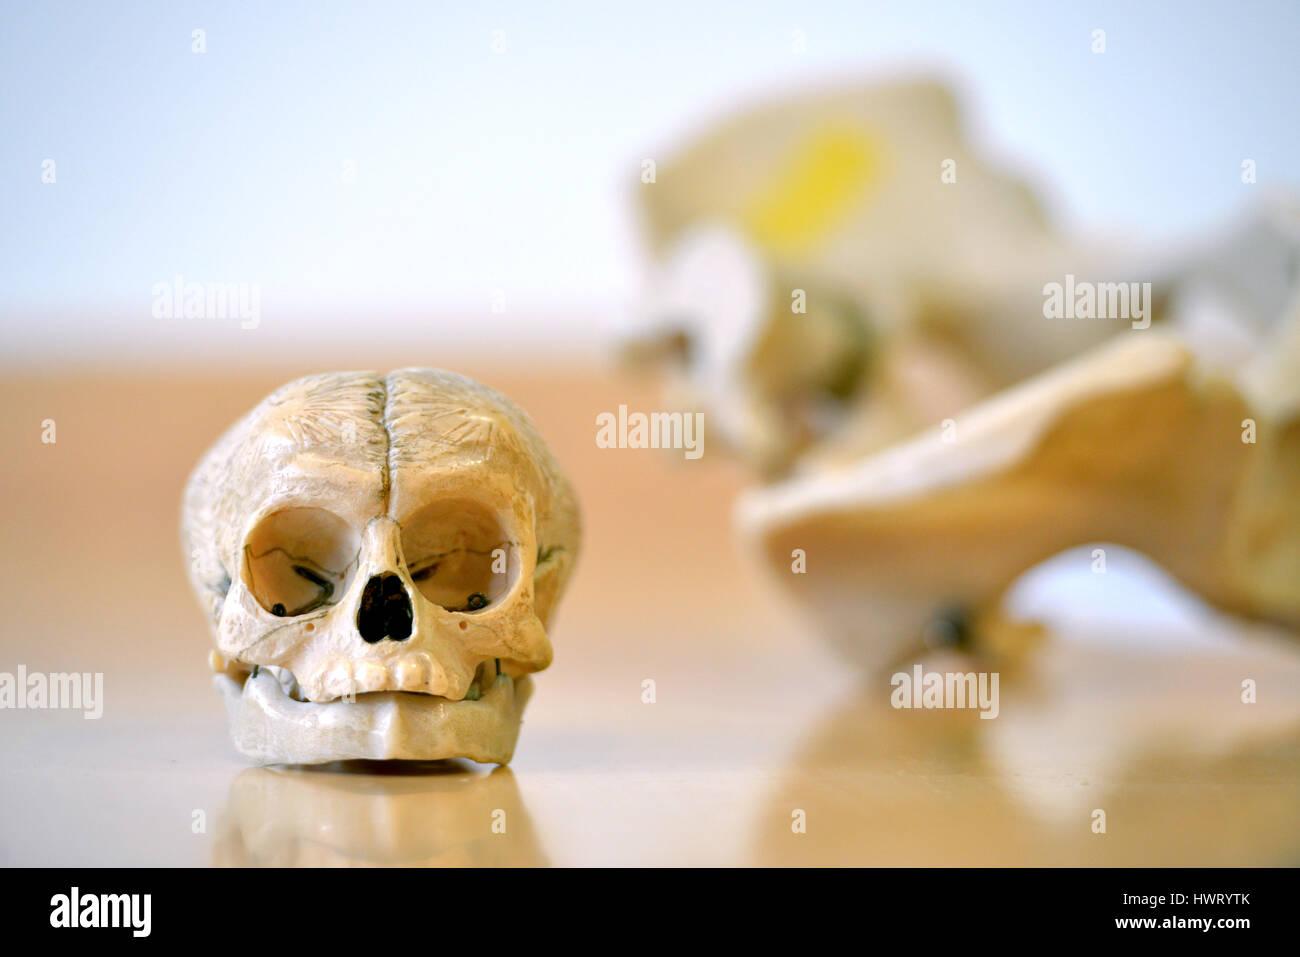 Resin infant skull for medical training Stock Photo